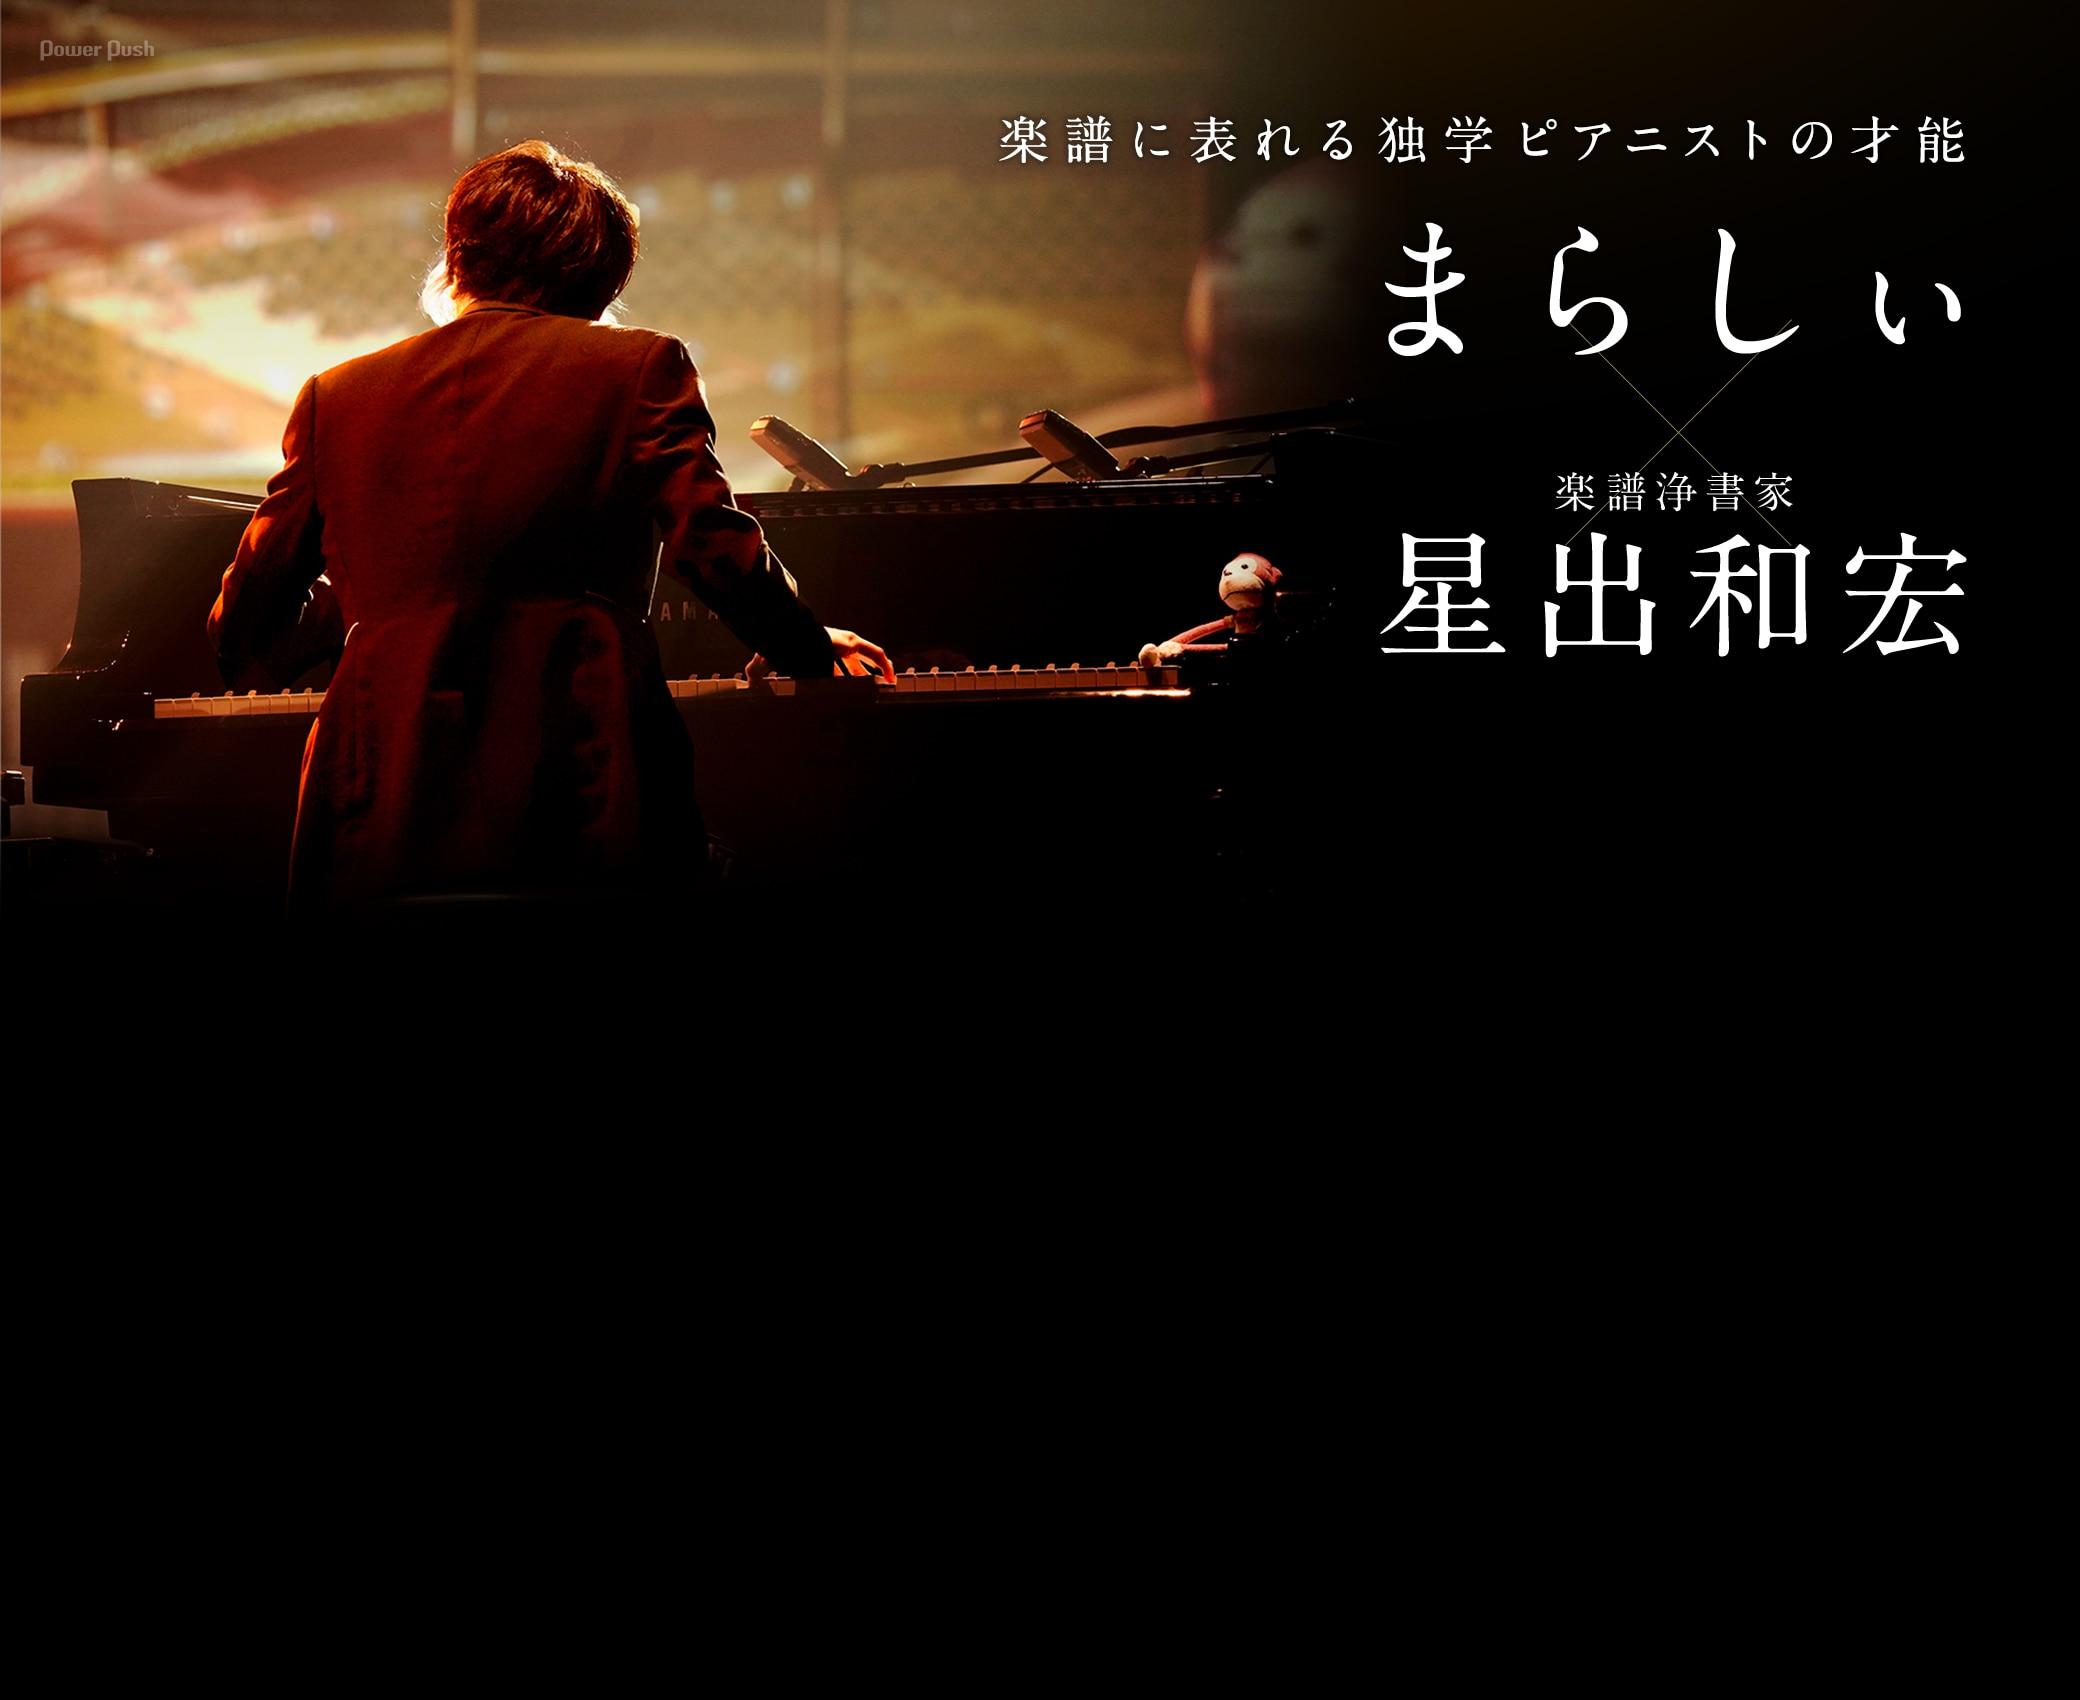 まらしぃ×星出和宏(楽譜浄書家) 楽譜に表れる独学ピアニストの才能